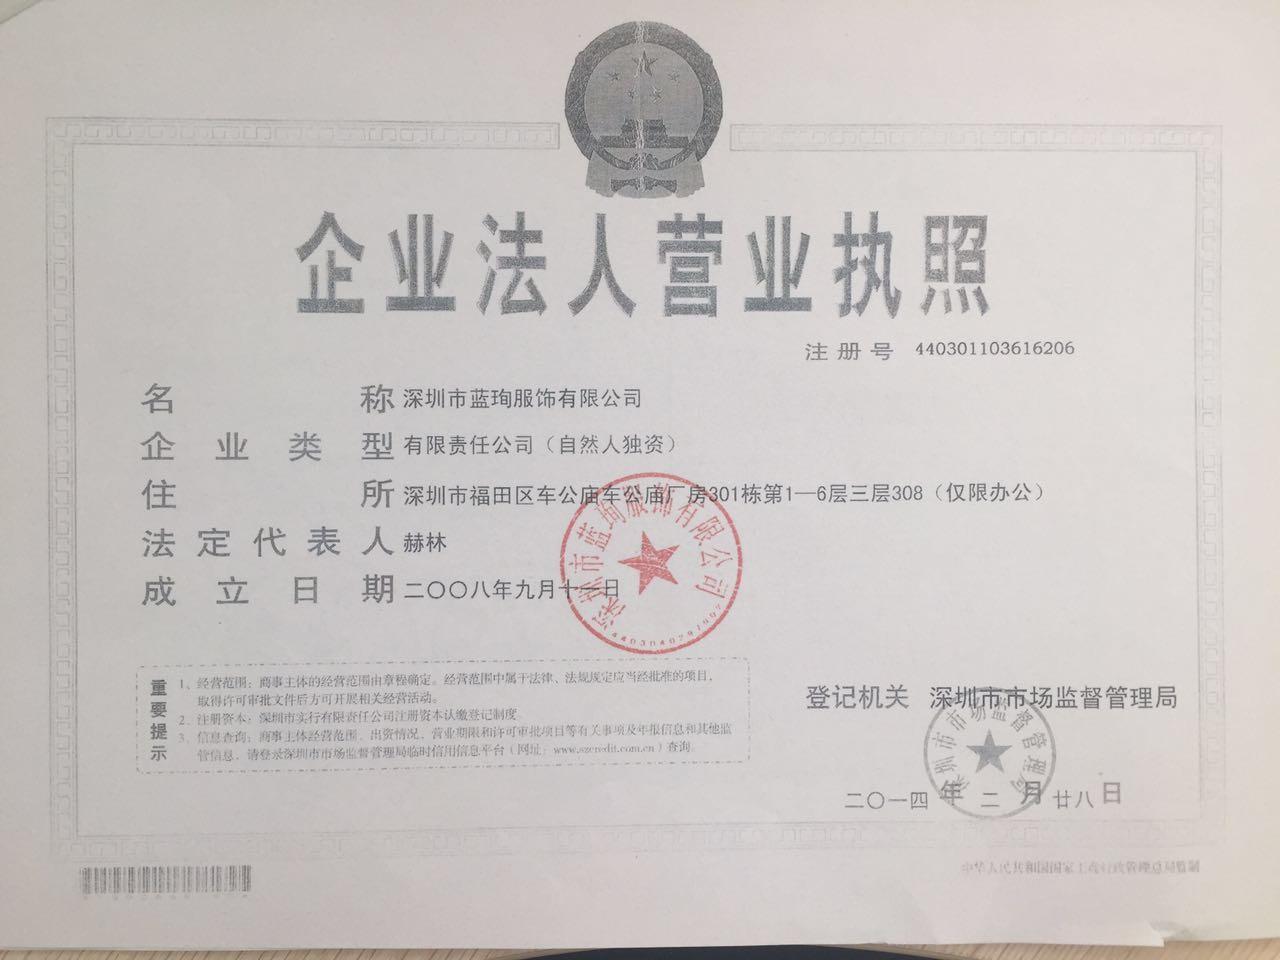 深圳市蓝珣服饰有限公司企业档案